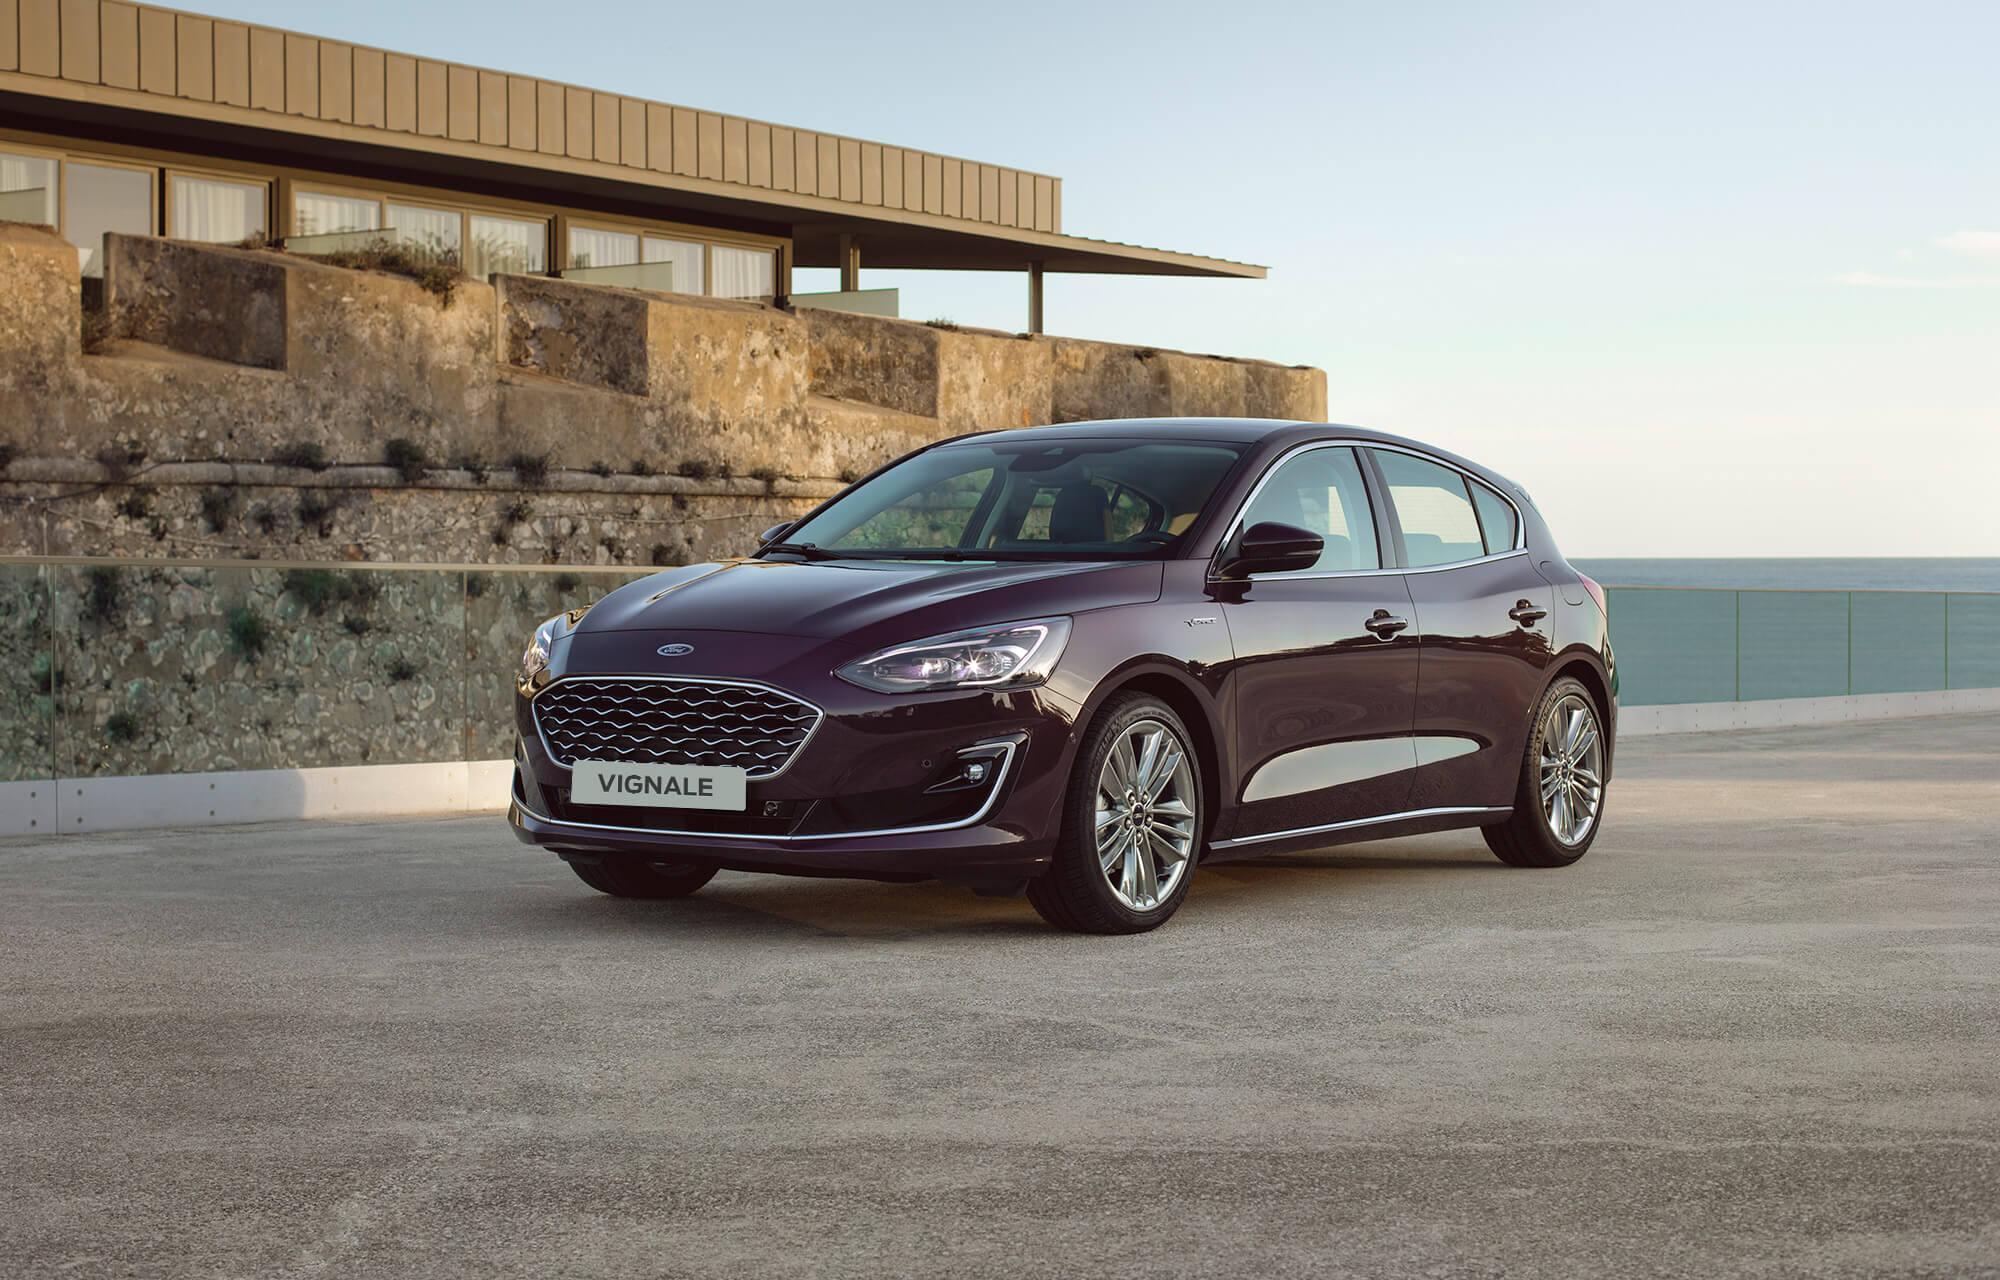 Nouvelle Ford Vignale bientôt disponible